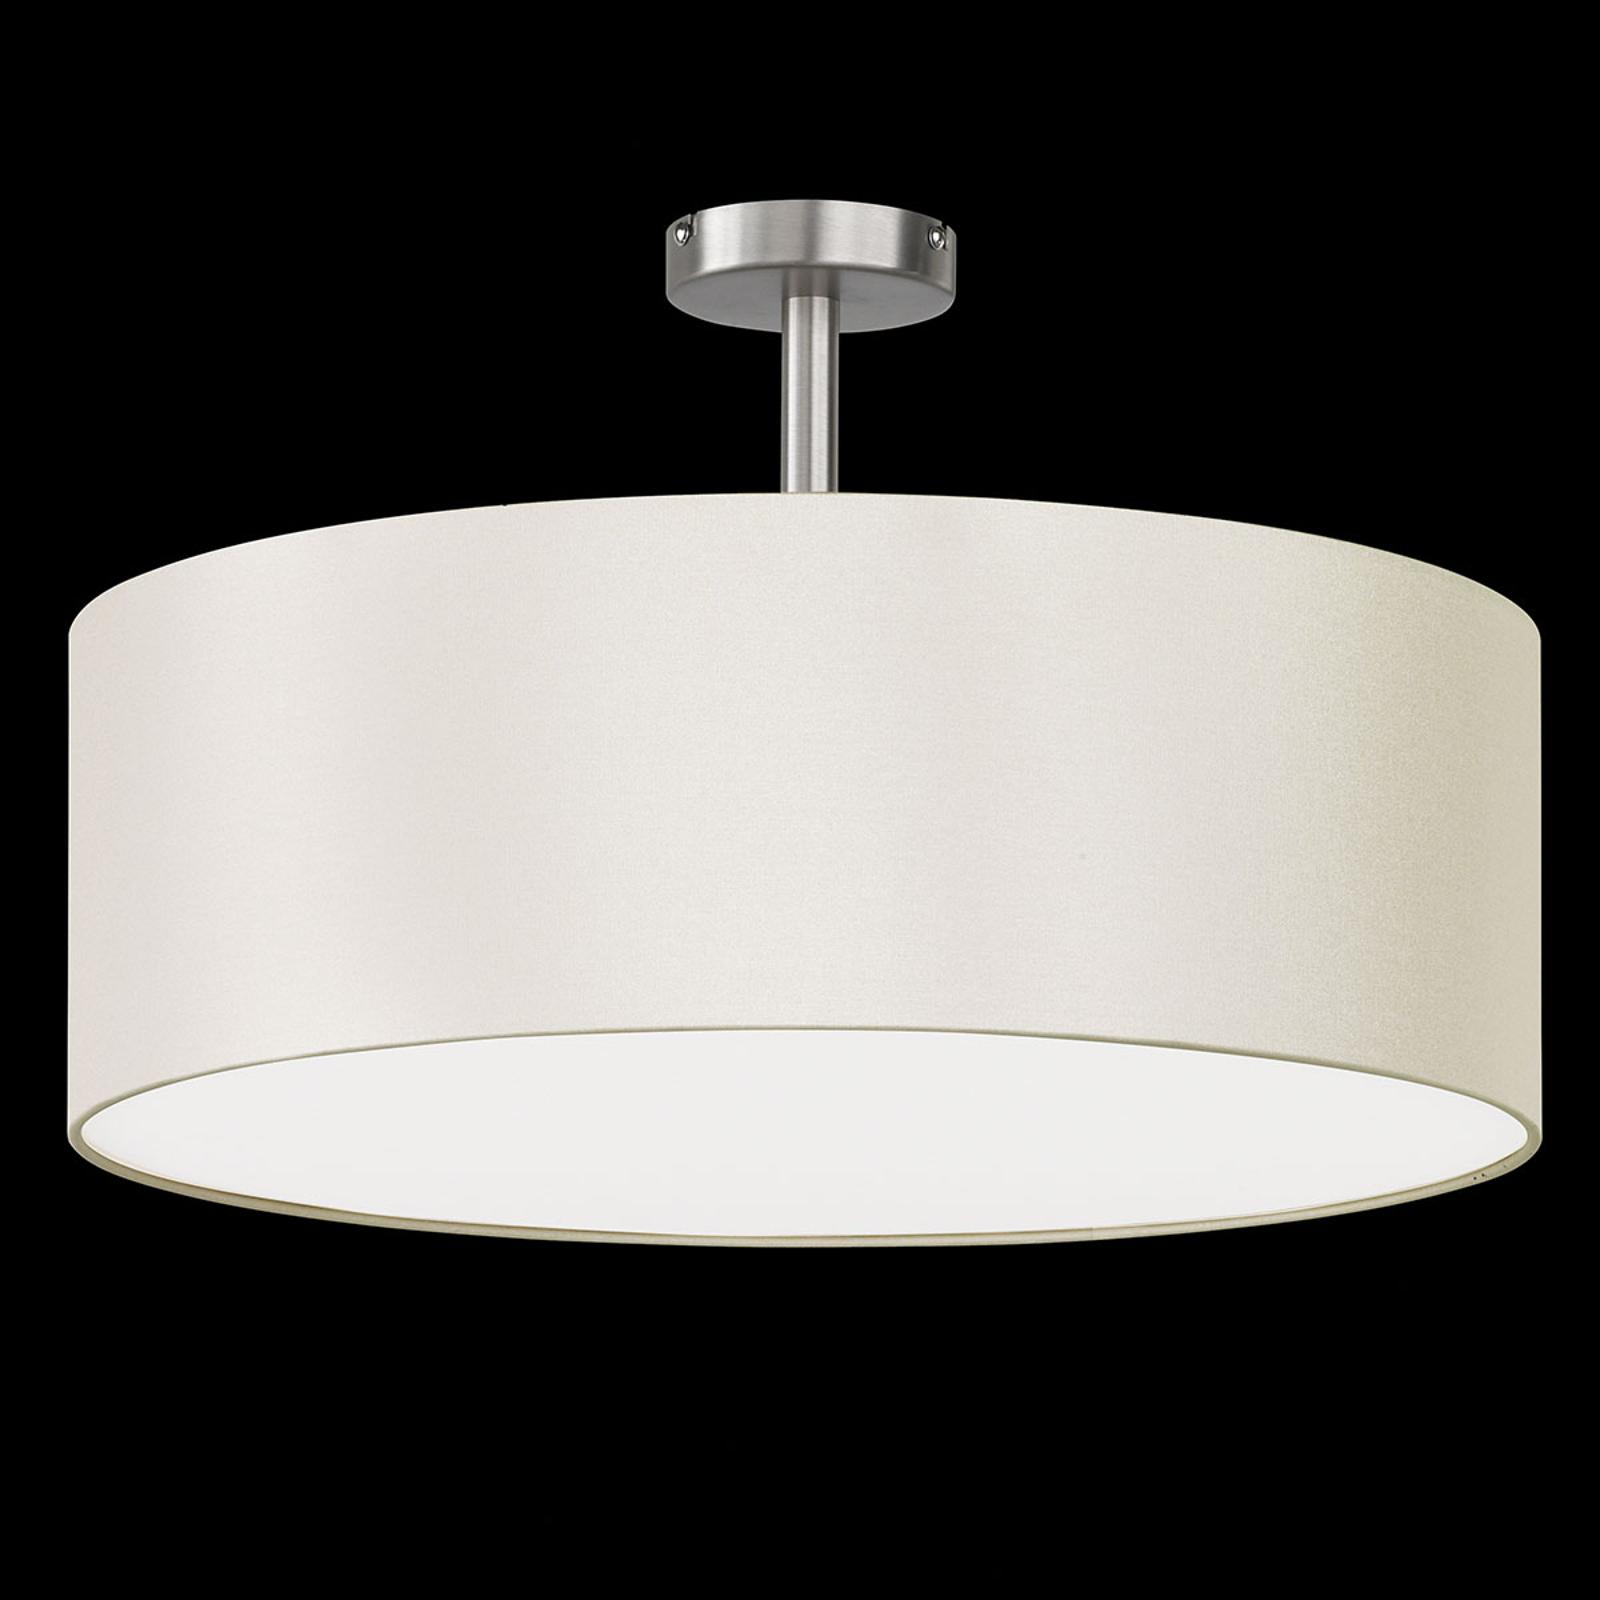 Plafondlamp Havanna met baldakijn crèmewit